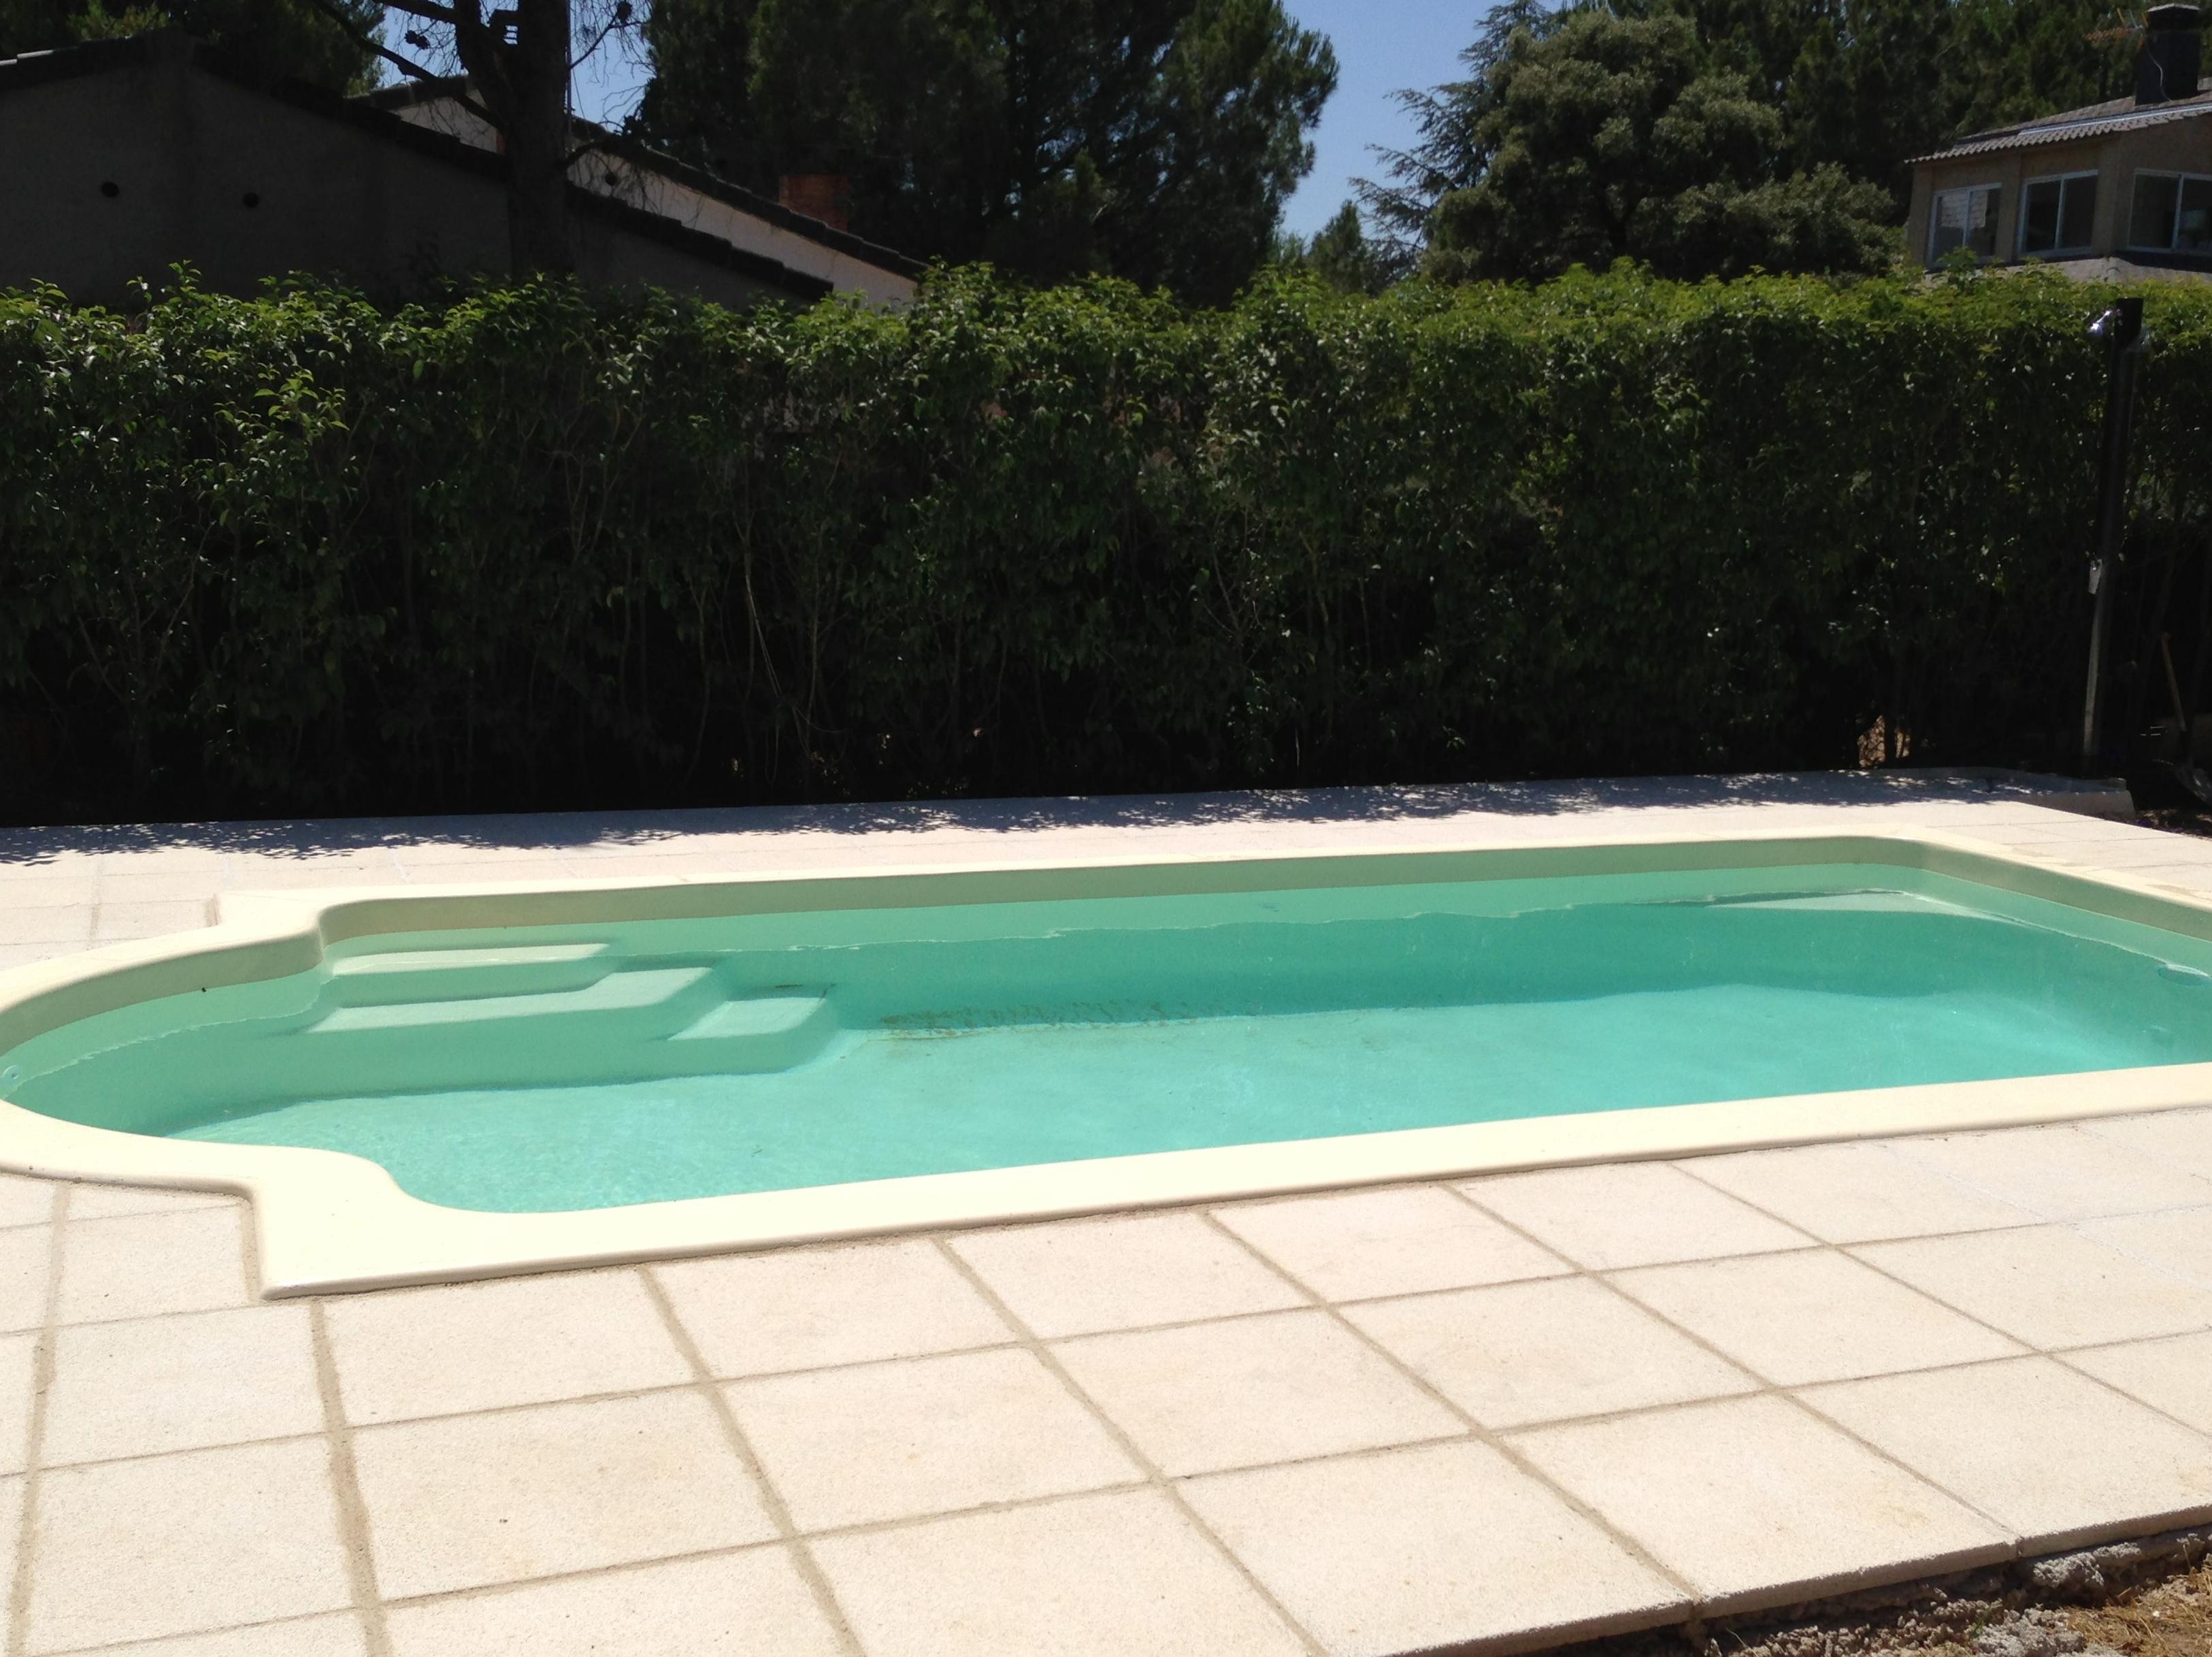 Foto 6 de piscinas instalaci n y mantenimiento en san - Gresite piscinas colores ...